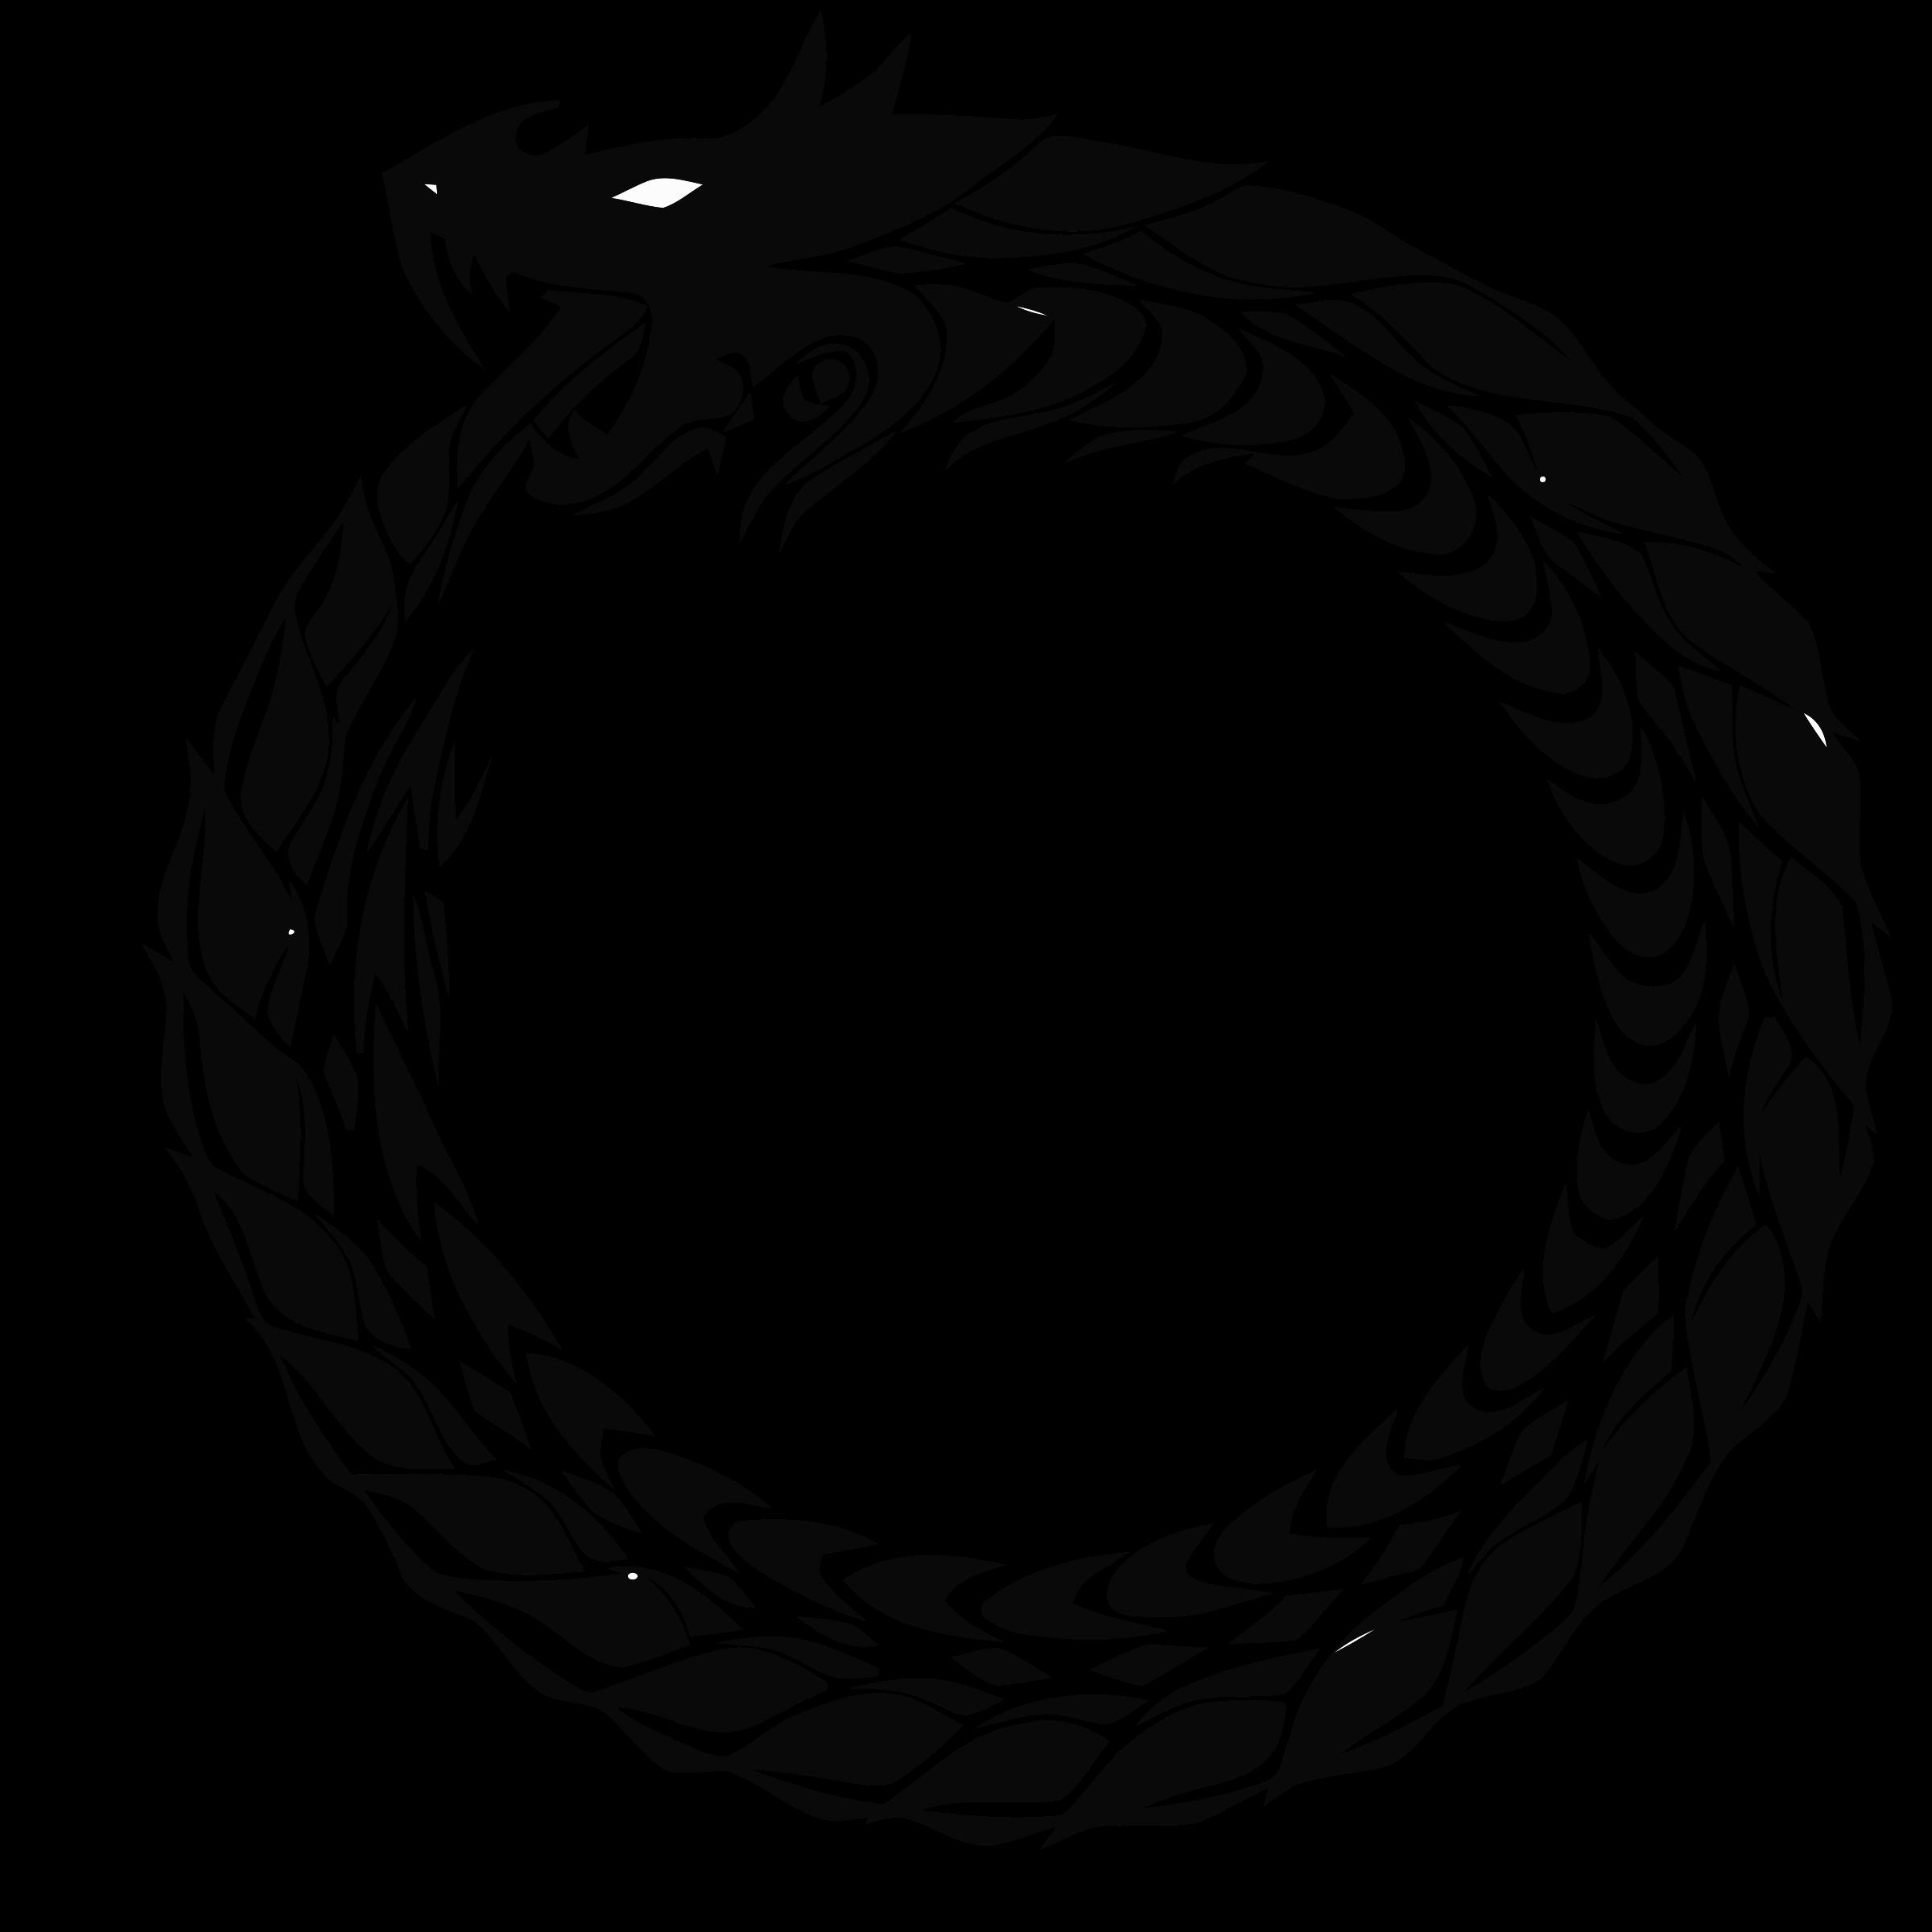 Snake clipart dragon. Ouroboros